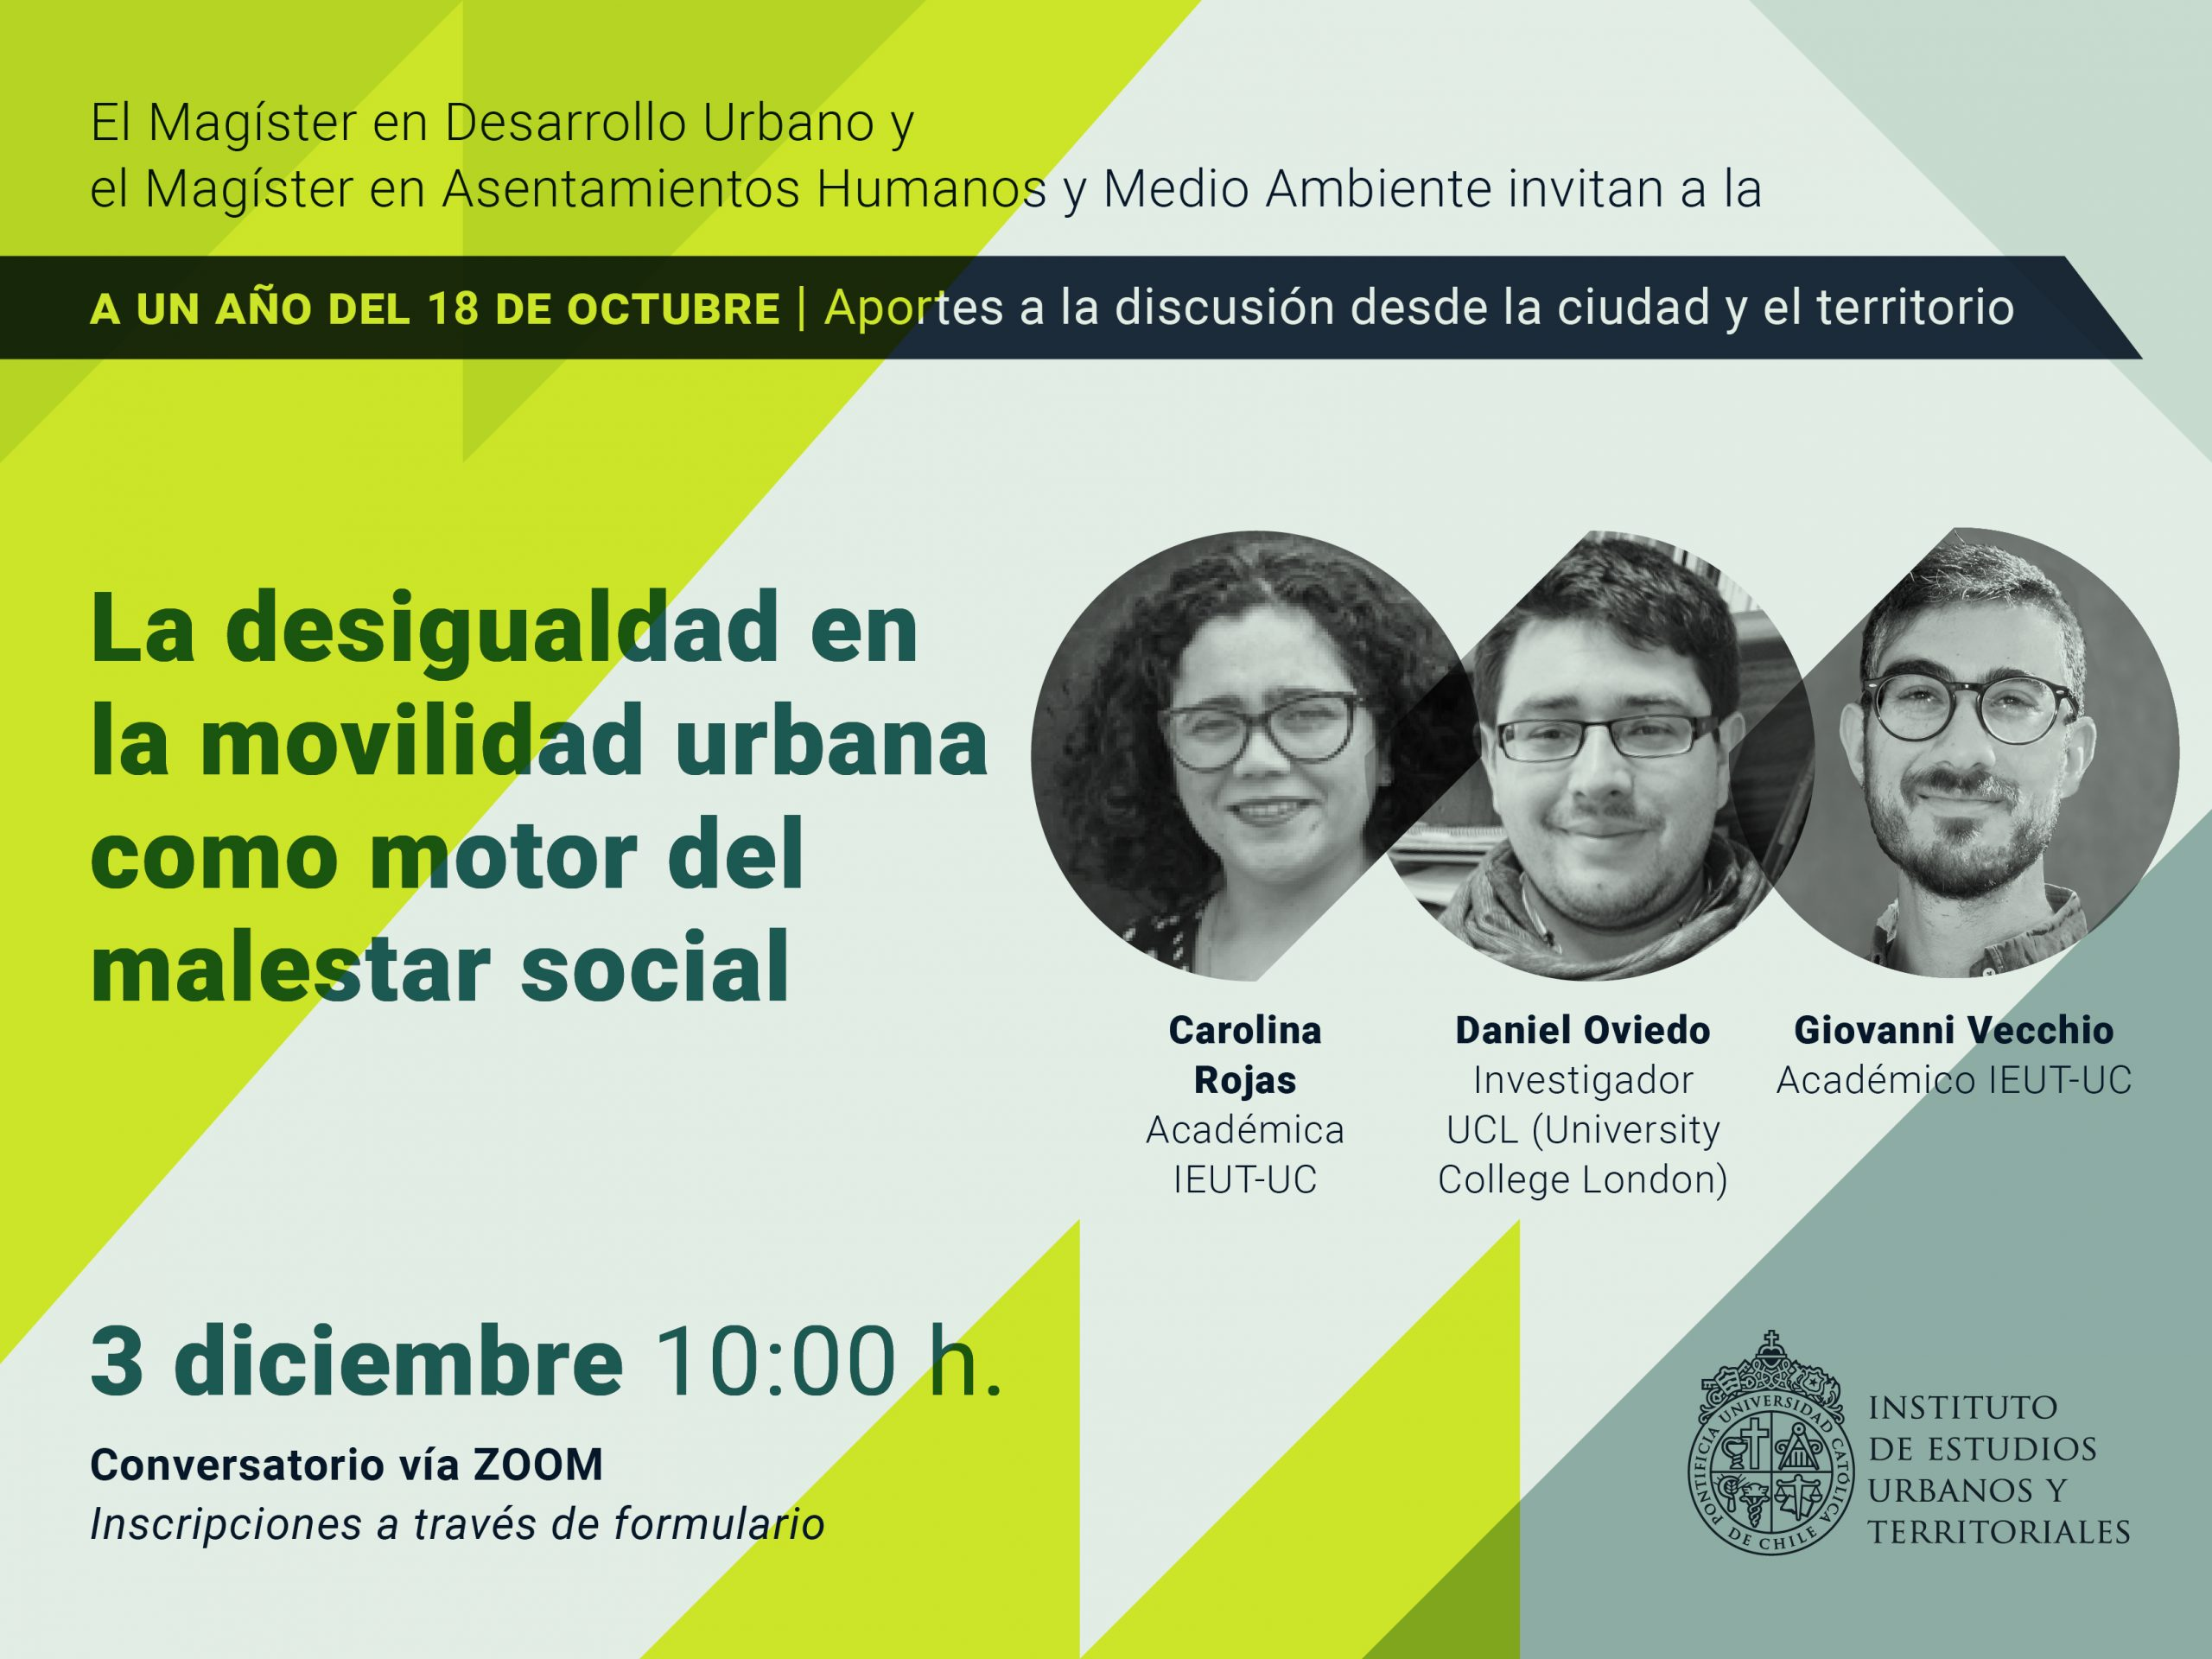 SERIE: A un año del 18 de octubre |  La desigualdad en la movilidad urbana como motor del malestar social